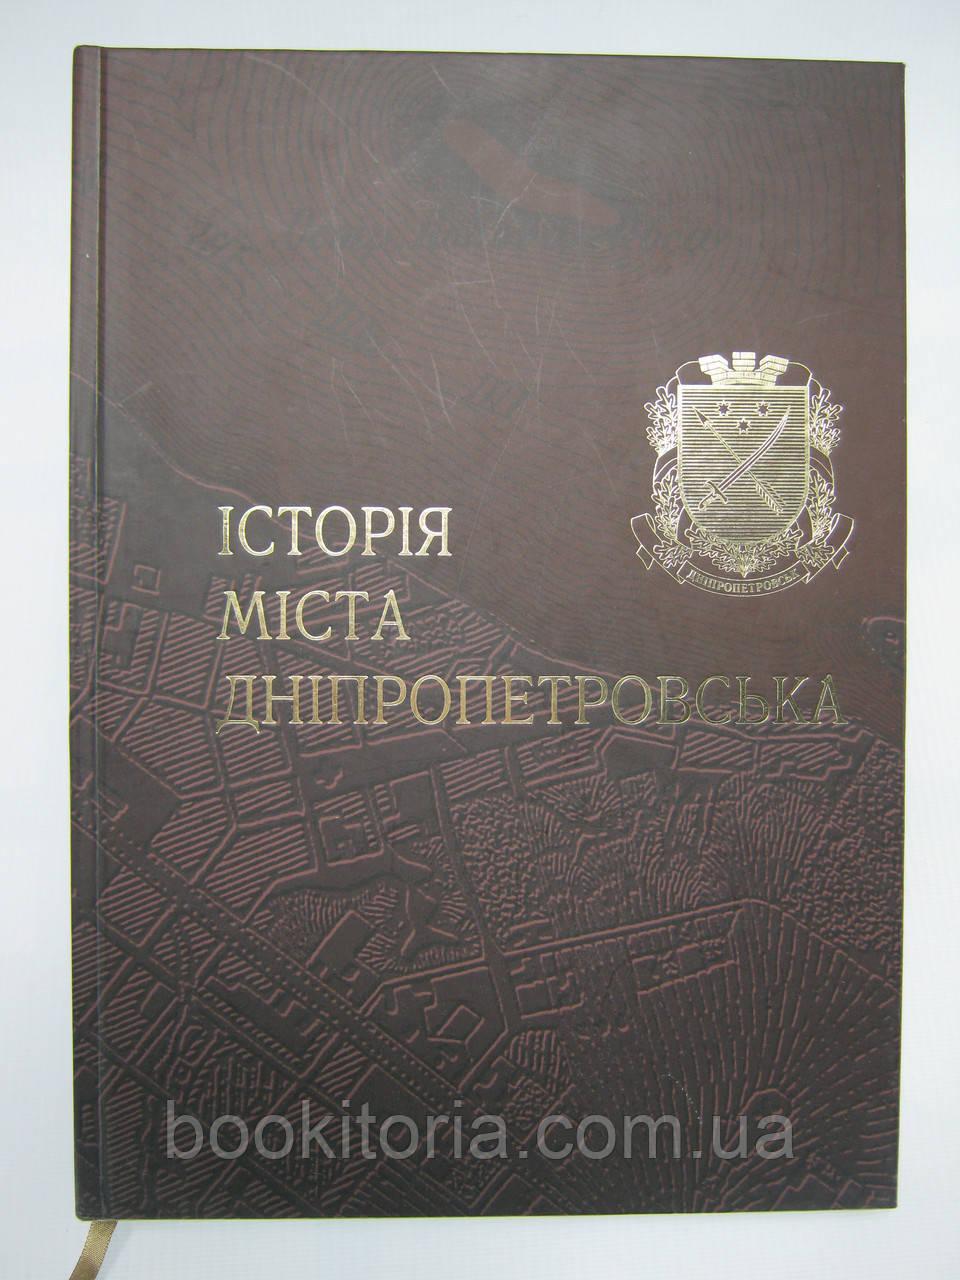 Болебрух А.Г. та ін. Історія міста Дніпропетровська (б/у).